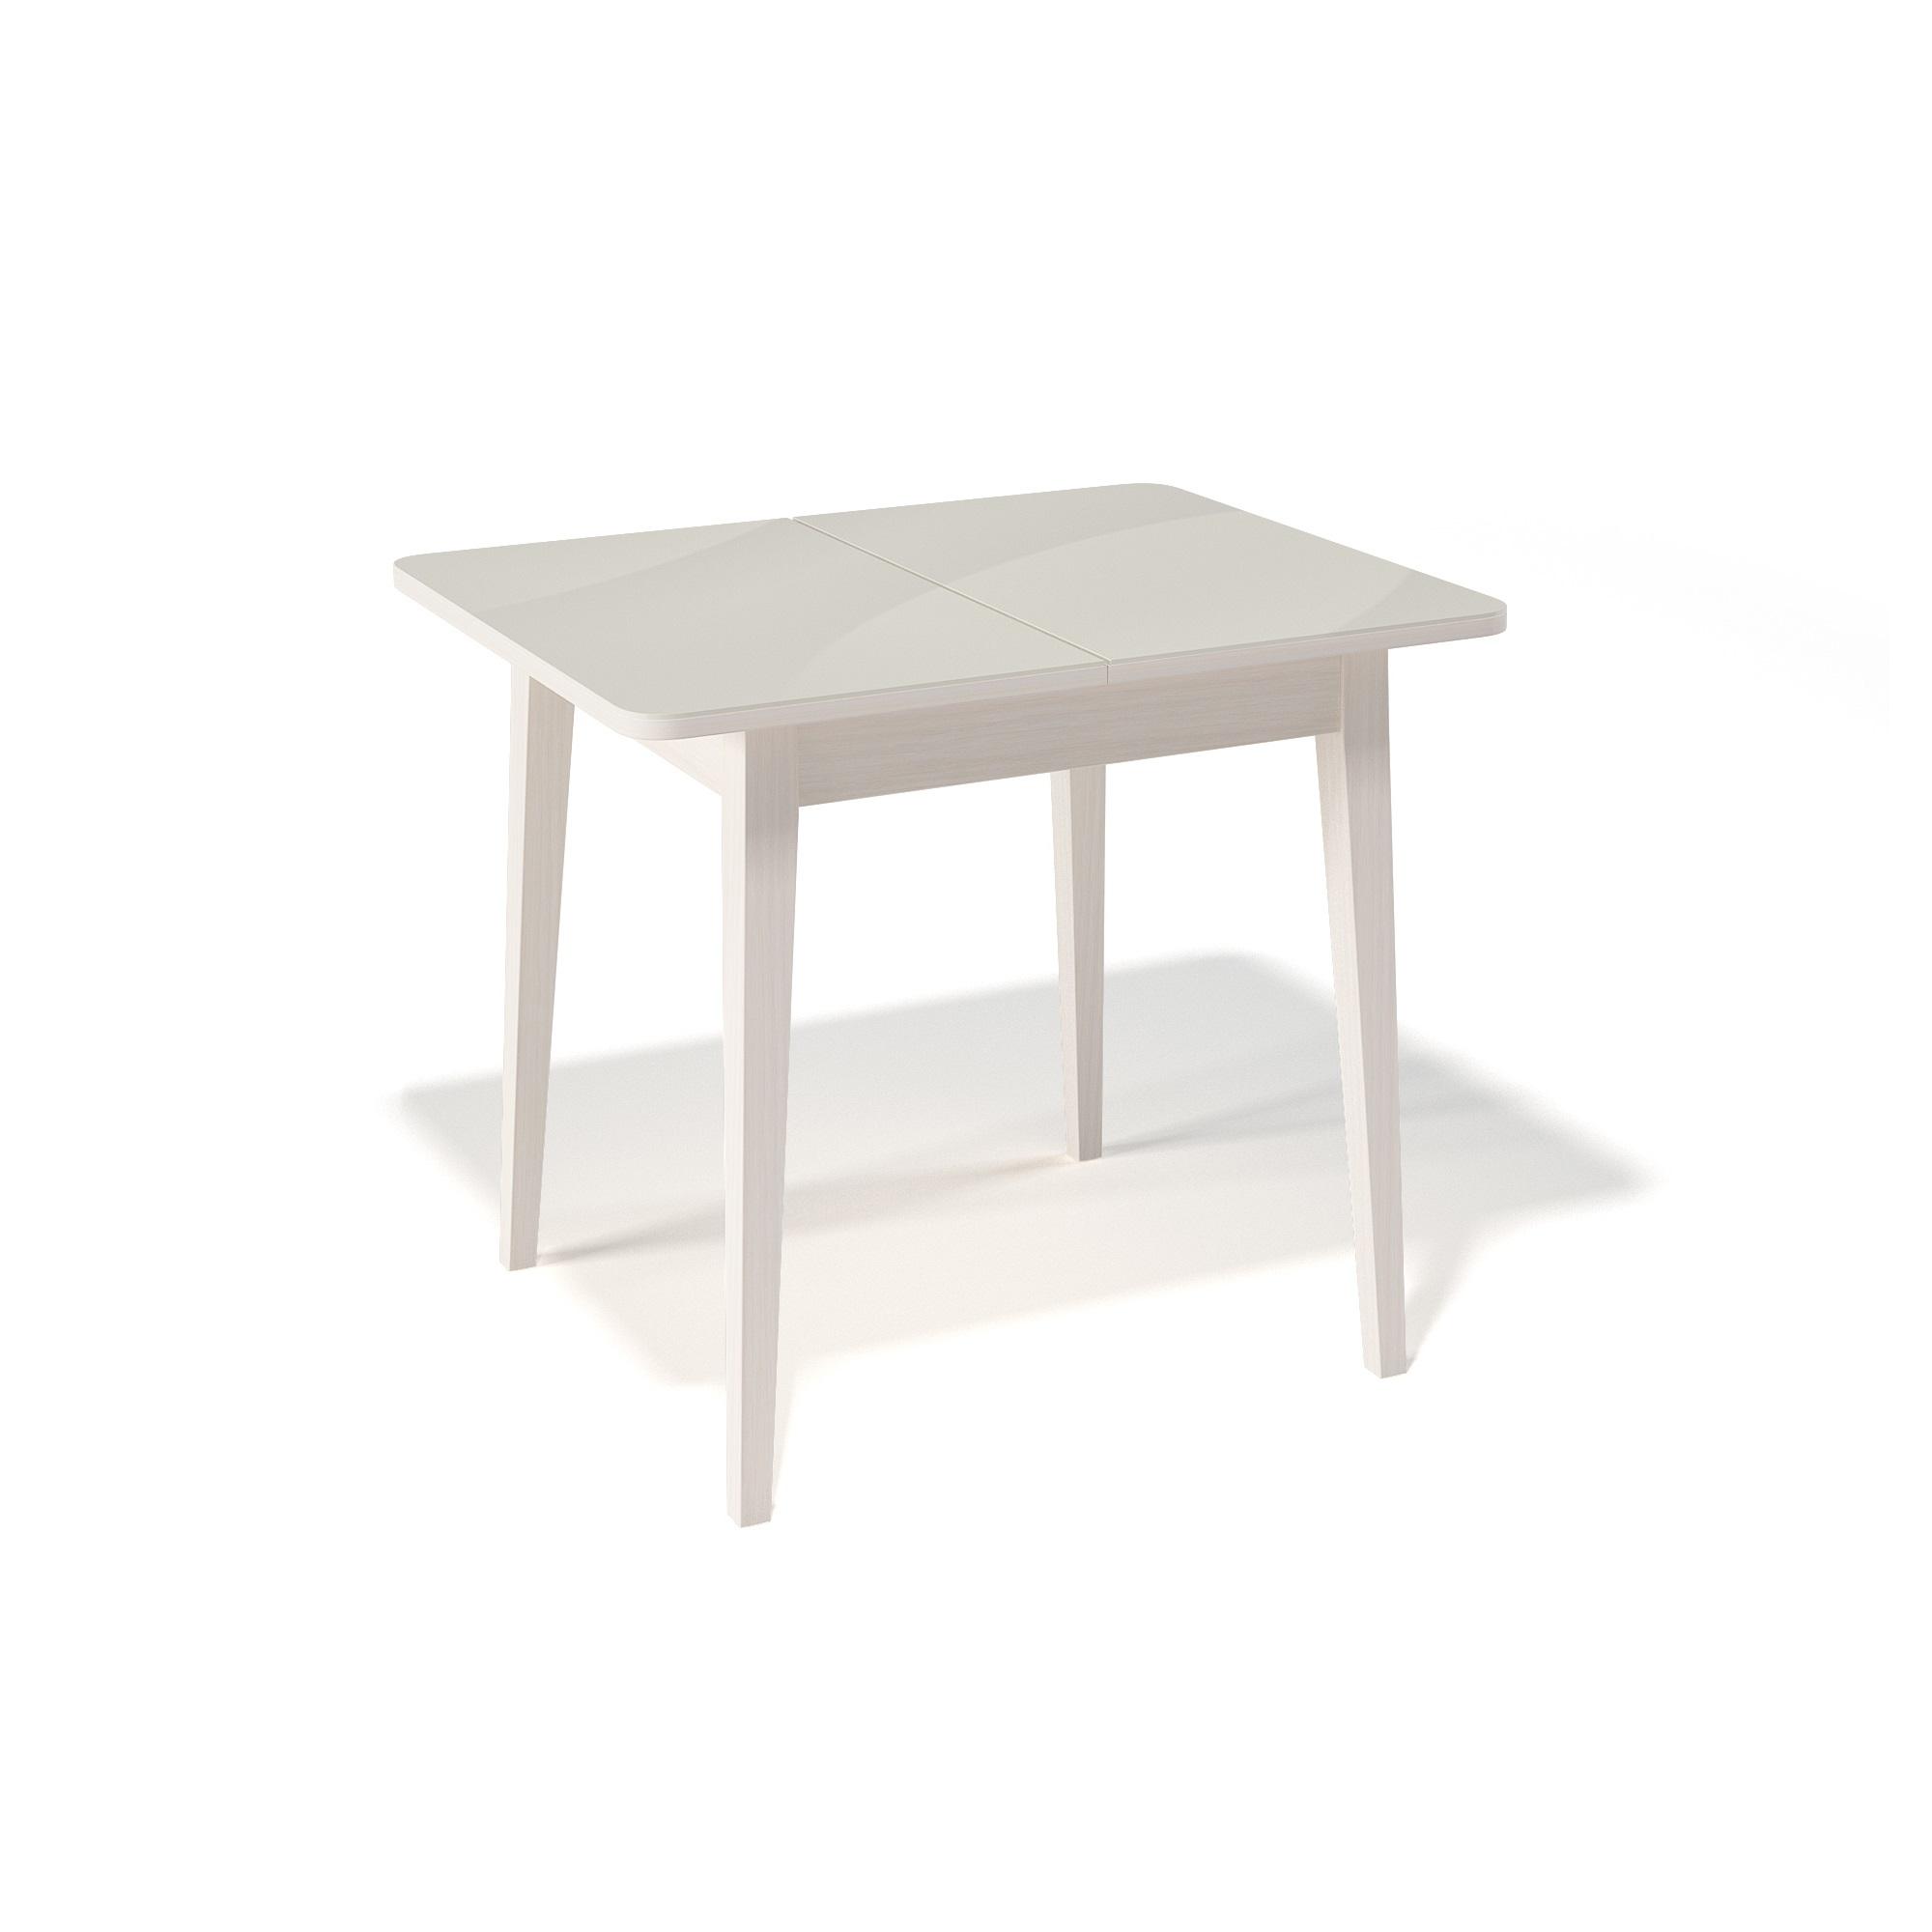 Стол обеденный KennerОбеденные столы<br>Ножки стола выполнены из массива бука, столешница - ДСП+стекло 4мм.&amp;amp;nbsp;&amp;lt;div&amp;gt;Механизм раскладки: синхронный, легкого скольжения.&amp;amp;nbsp;&amp;lt;/div&amp;gt;&amp;lt;div&amp;gt;На ножках установлены регулировочные винты.&amp;amp;nbsp;&amp;lt;/div&amp;gt;&amp;lt;div&amp;gt;Фурнитура в комплекте.&amp;amp;nbsp;&amp;lt;/div&amp;gt;&amp;lt;div&amp;gt;Стол раскладной,вставка &amp;quot;бабочка&amp;quot; со стеклом.&amp;amp;nbsp;&amp;lt;/div&amp;gt;&amp;lt;div&amp;gt;Размер столешницы в разложенном виде: 120х70 см. &amp;lt;/div&amp;gt;<br><br>Material: Дерево<br>Ширина см: 90<br>Высота см: 75<br>Глубина см: 70